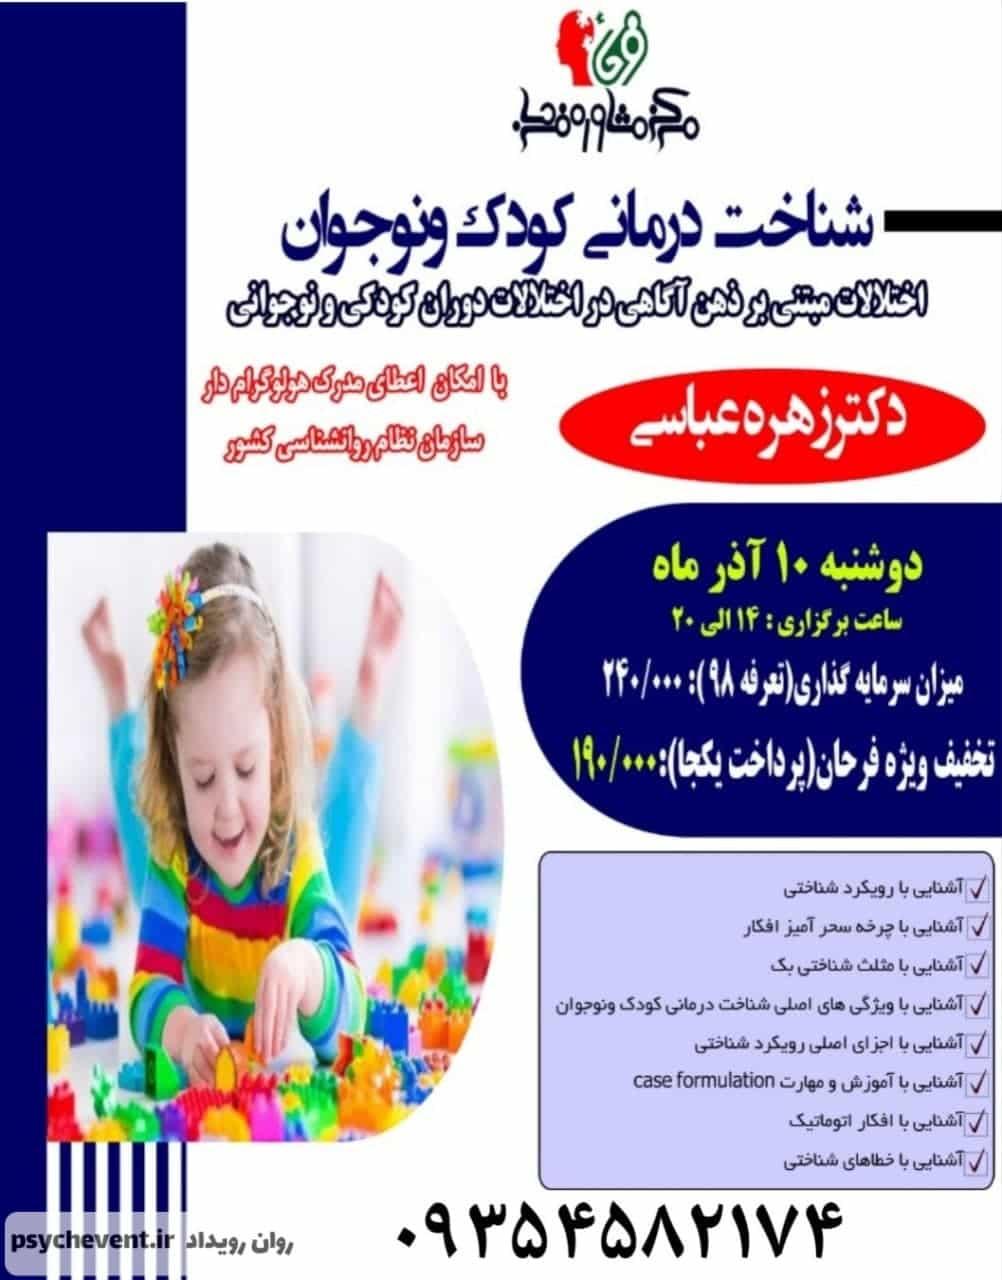 کارگاه شناخت درمانی کودک و نوجوان